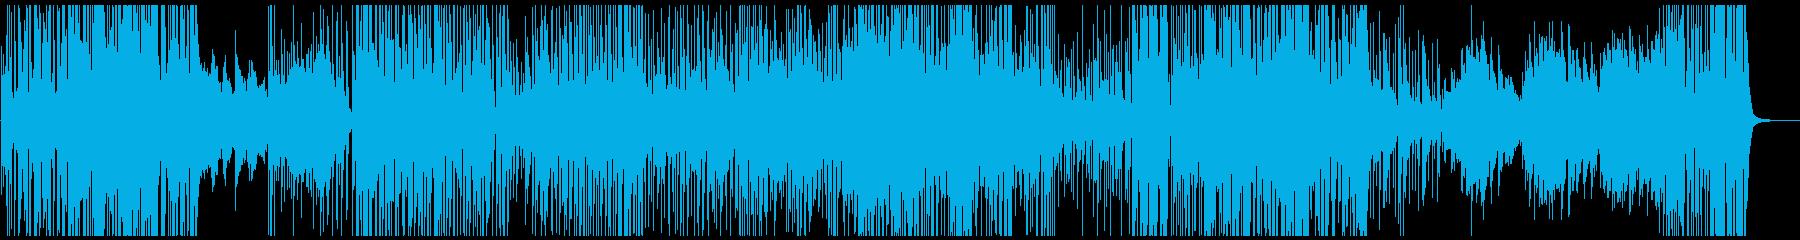 映像BGM 荒ぶるジャズロックピアノの再生済みの波形